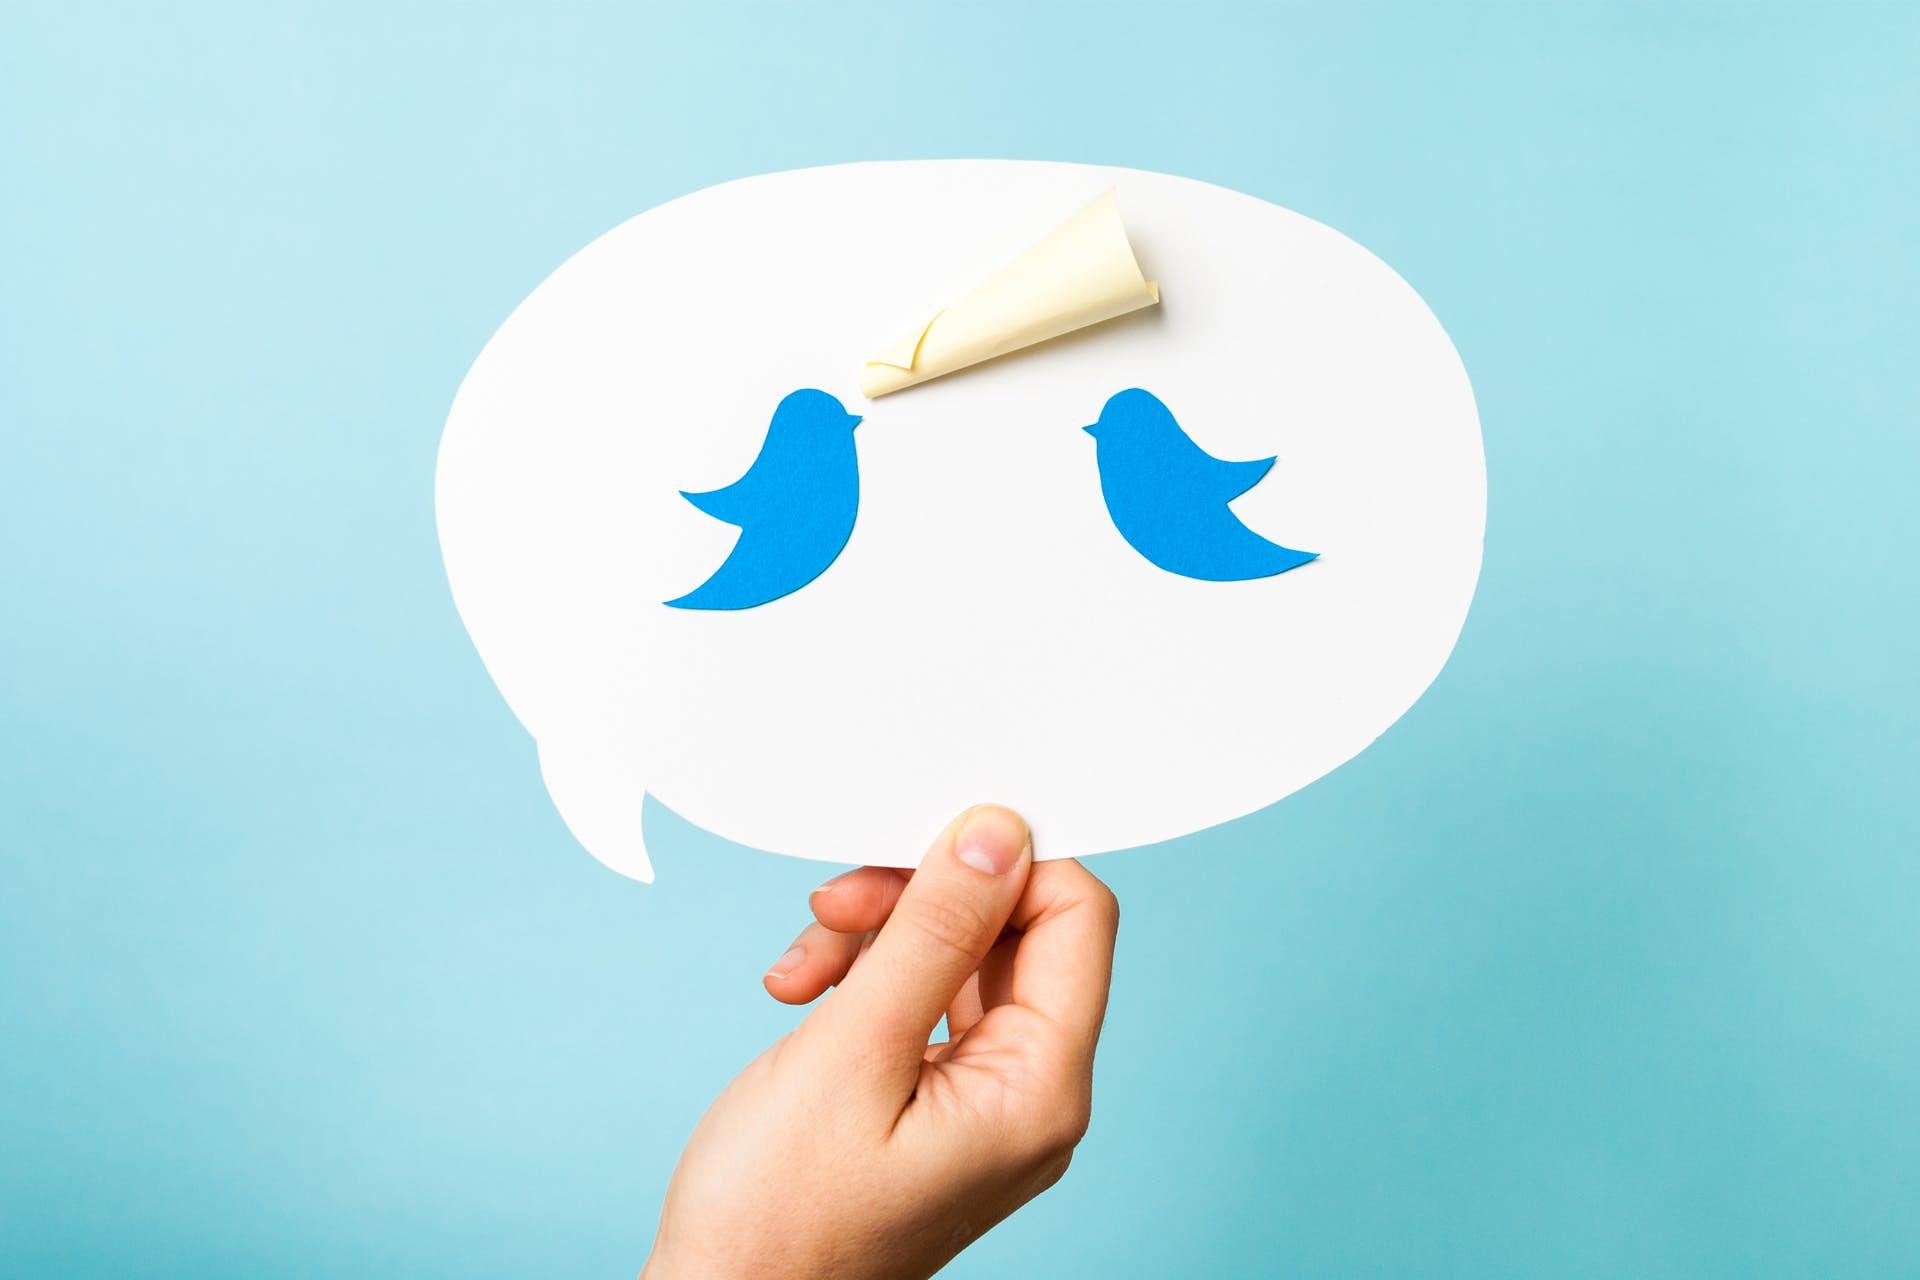 Käsi pitelemässä puhekuplaa, jonka sisällä kaksi lintua, jotka ovat myös Twitterin logoja.